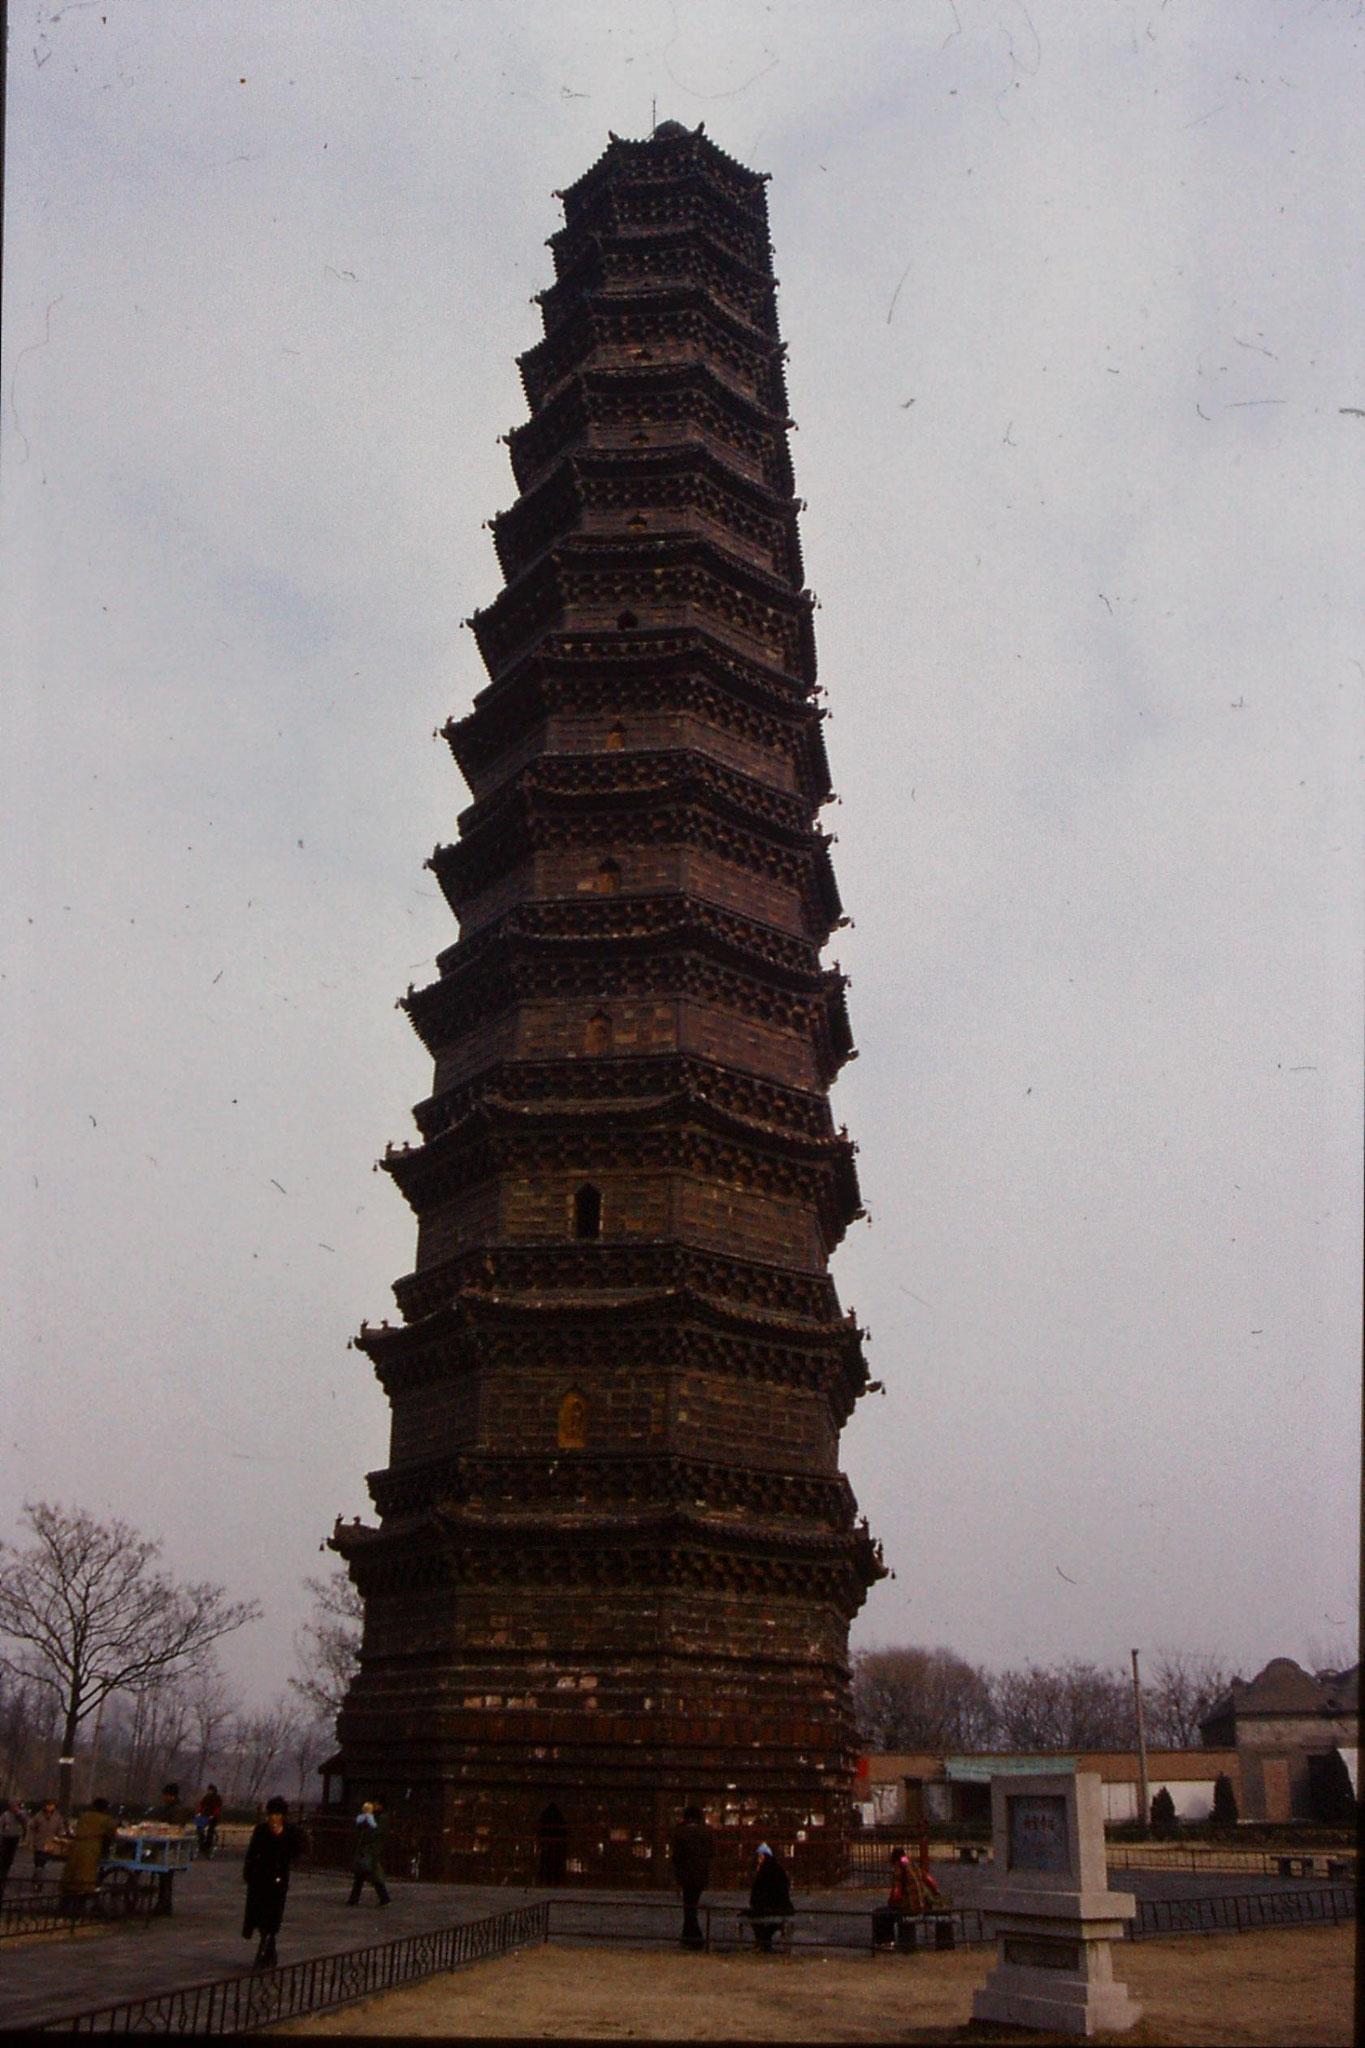 25/2/1989: 12: Kaifeng Iron Pagoda